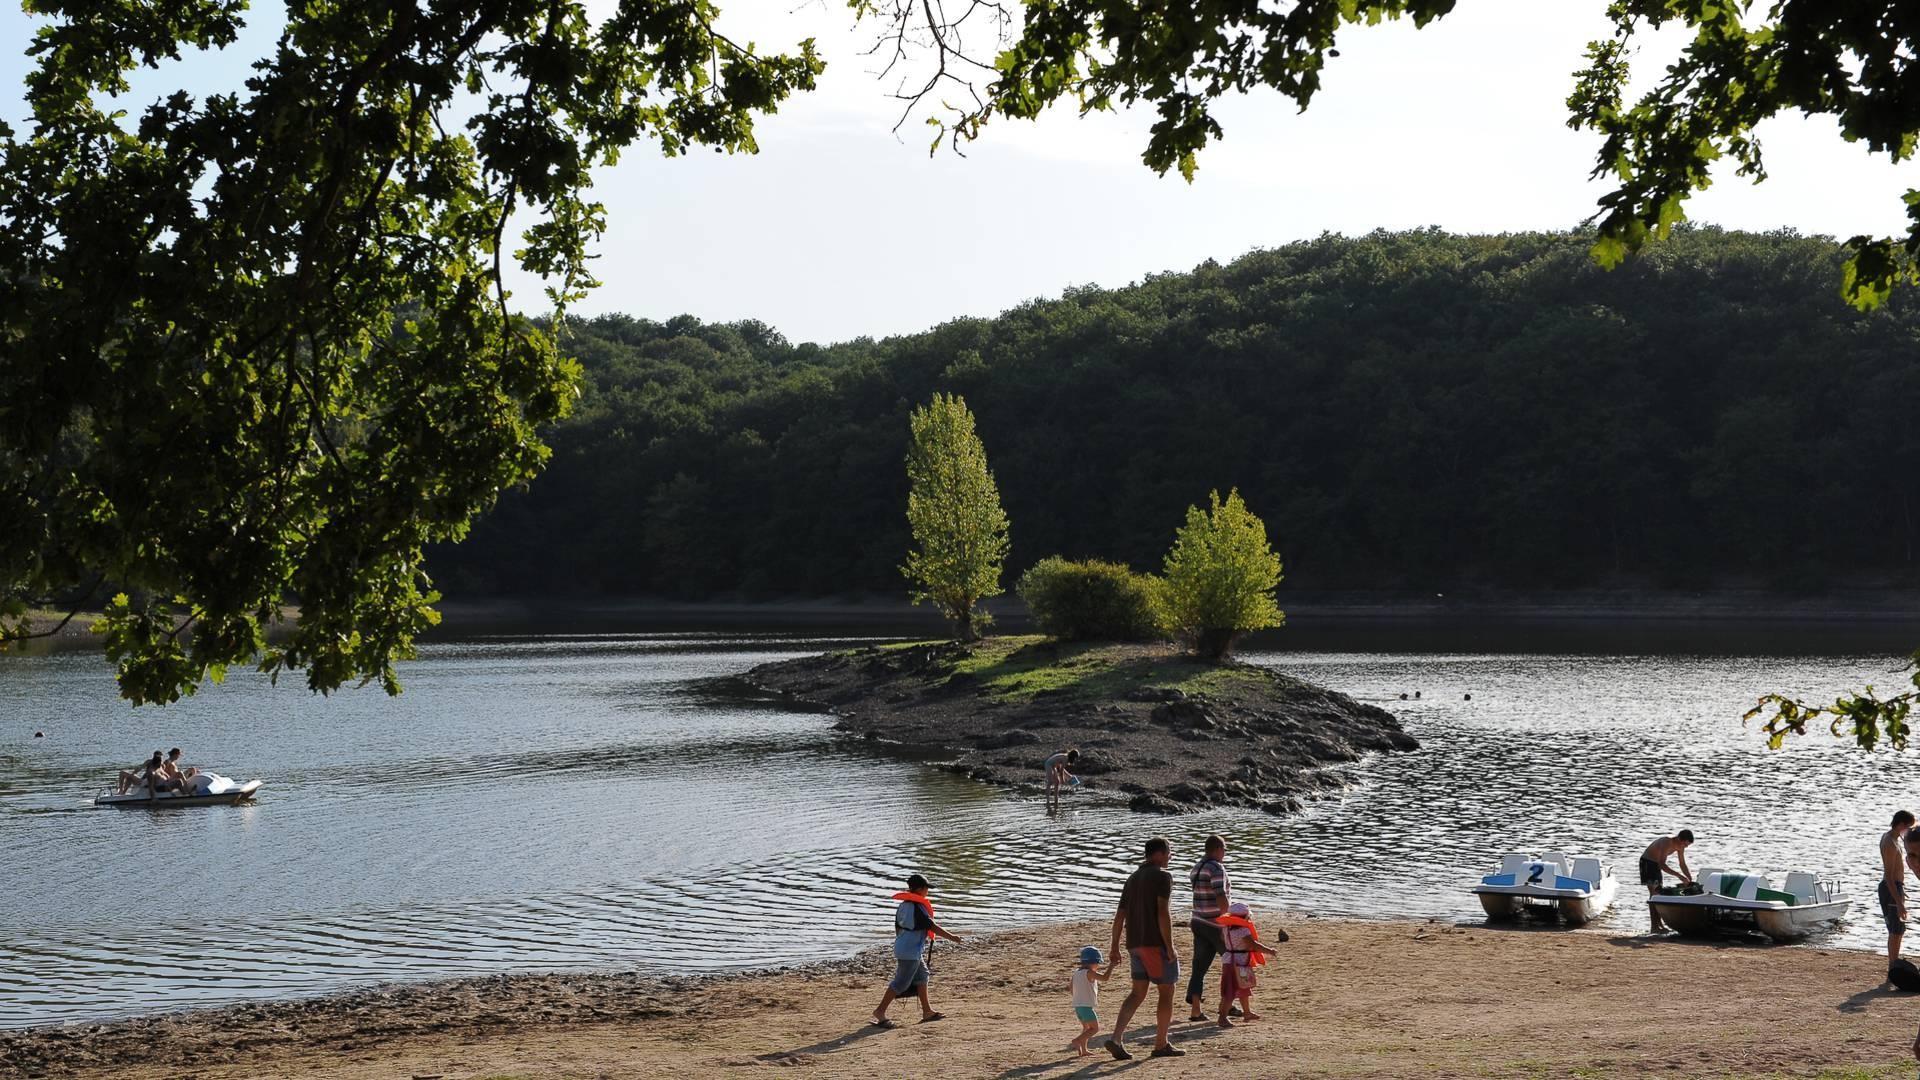 Baignade et pédalo au lac de ontaubry, Le Breuil. © Bruno Le Hir de Fallois.